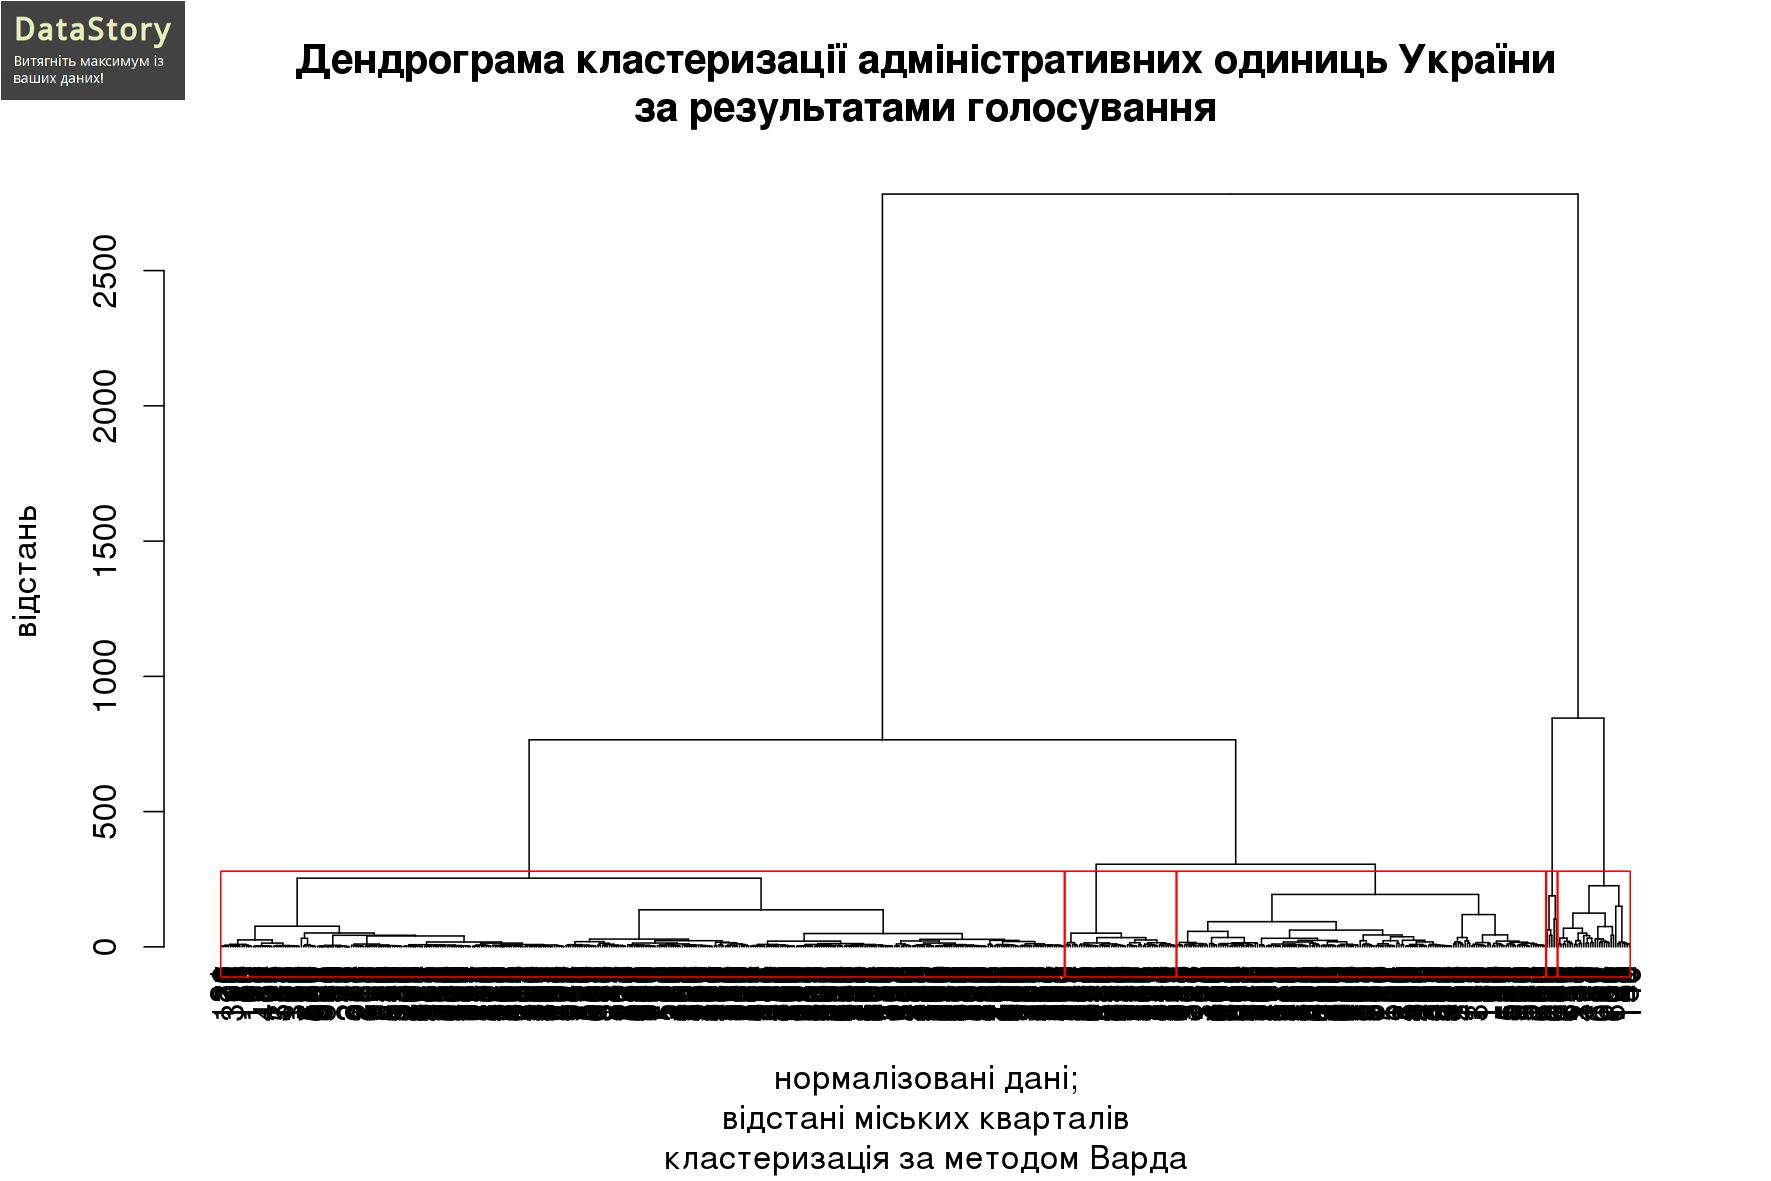 Дендрограма кластеризації адміністративних одиниць України за результатами голосування